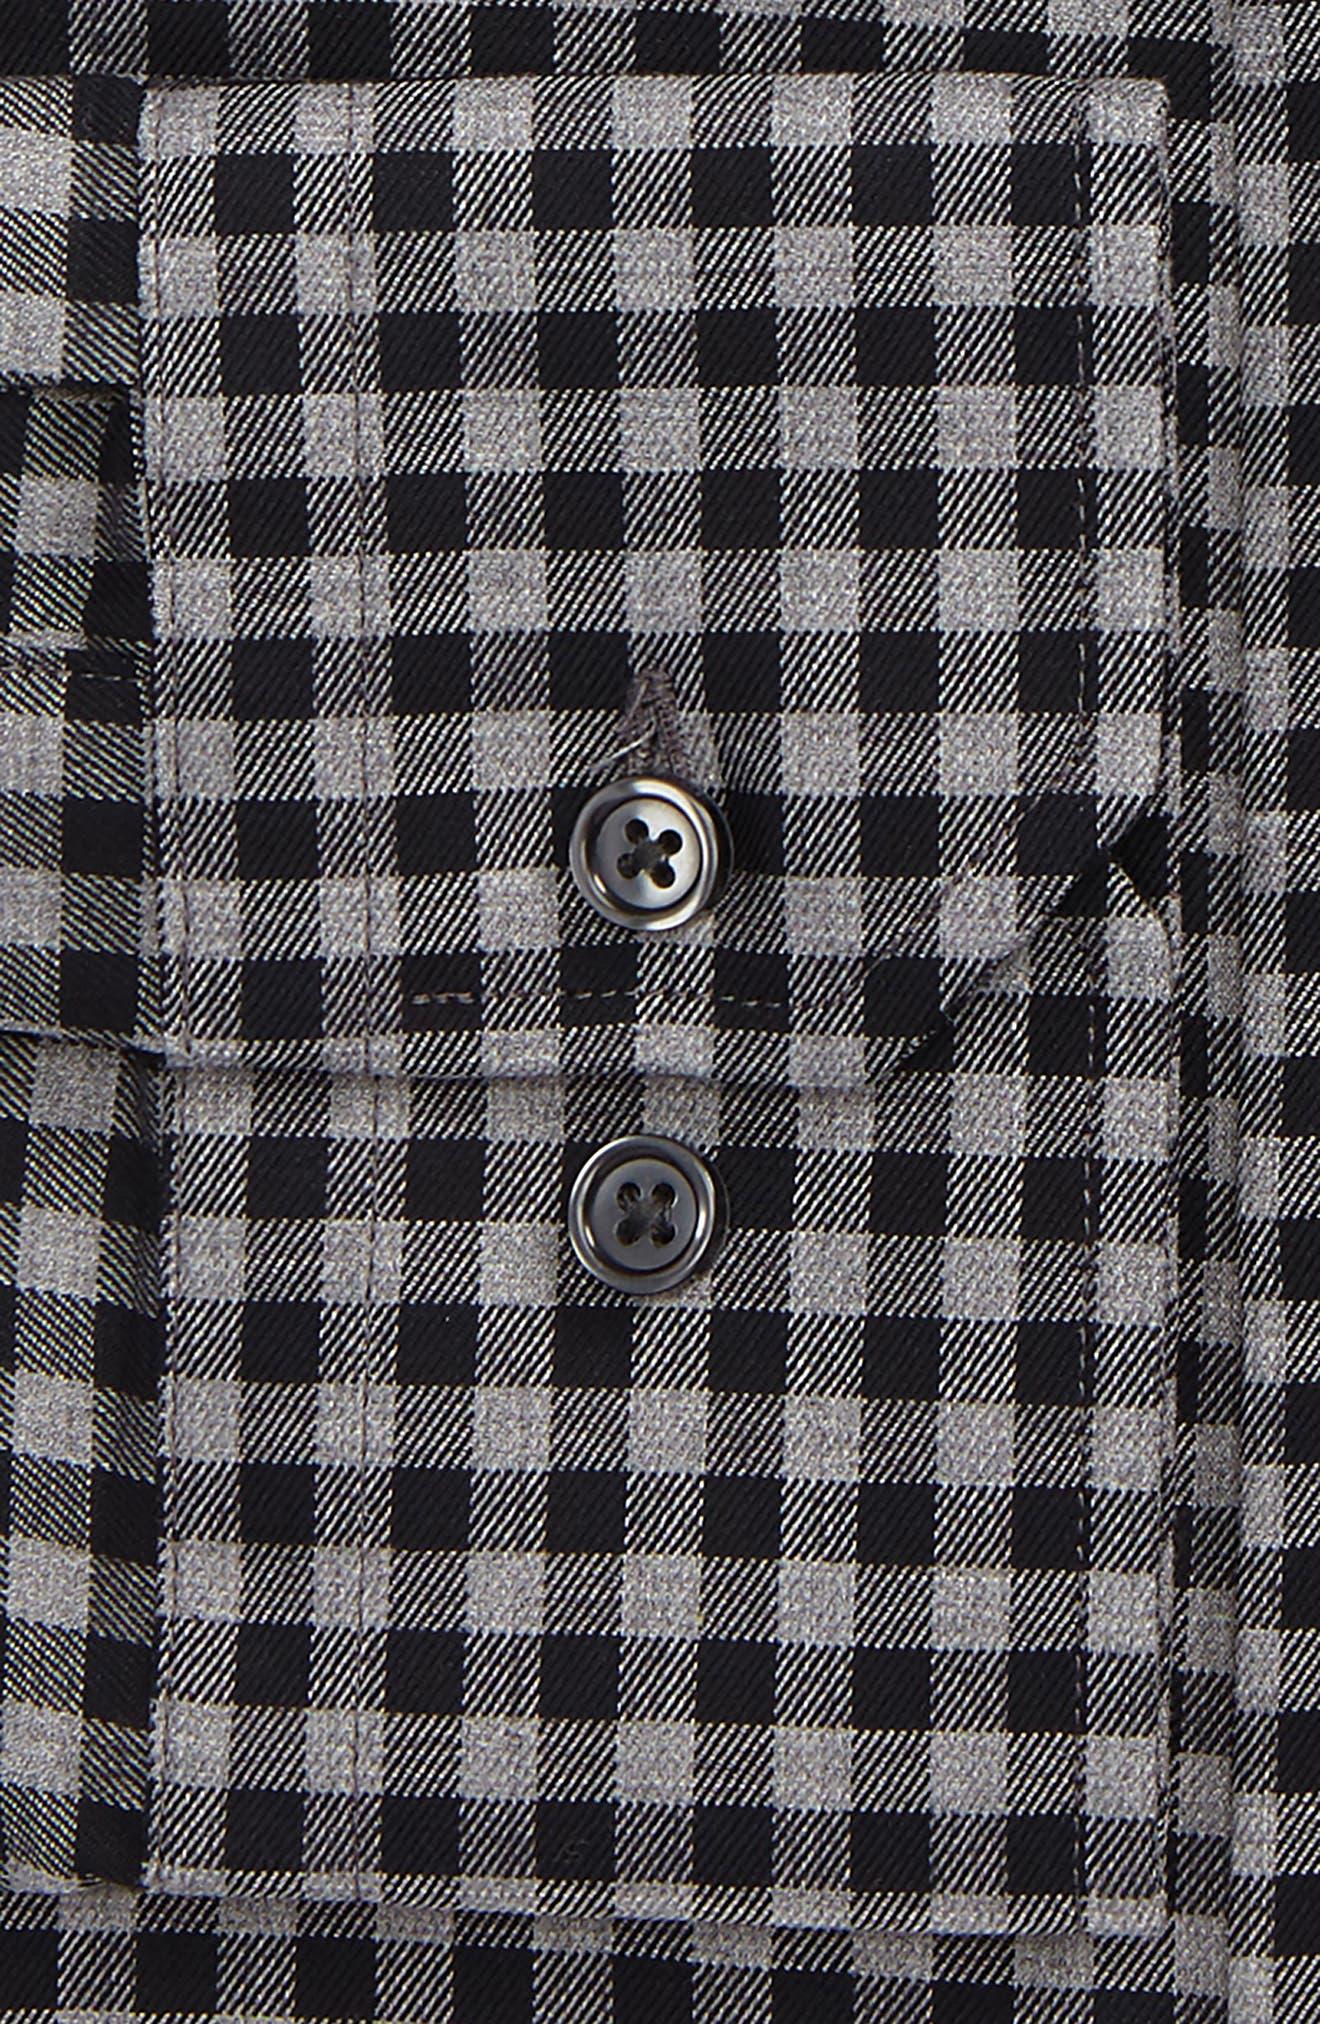 Trim Fit Check Dress Shirt,                             Alternate thumbnail 4, color,                             001